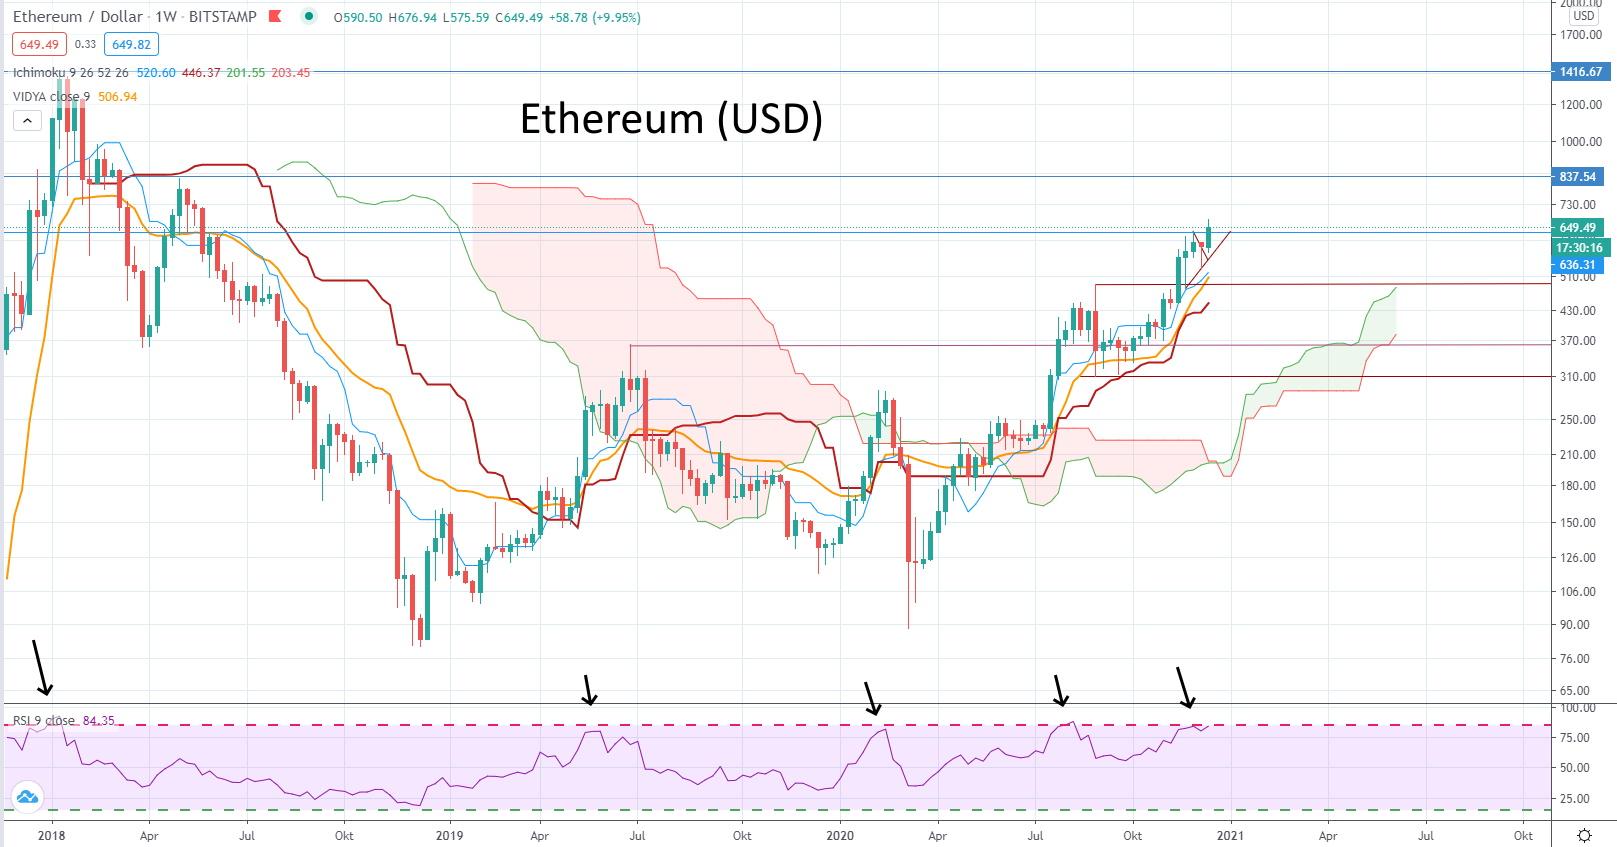 Kryptowährungen werden als neue Anlageklasse entdeckt! - Wochen-Chart von Ethereum